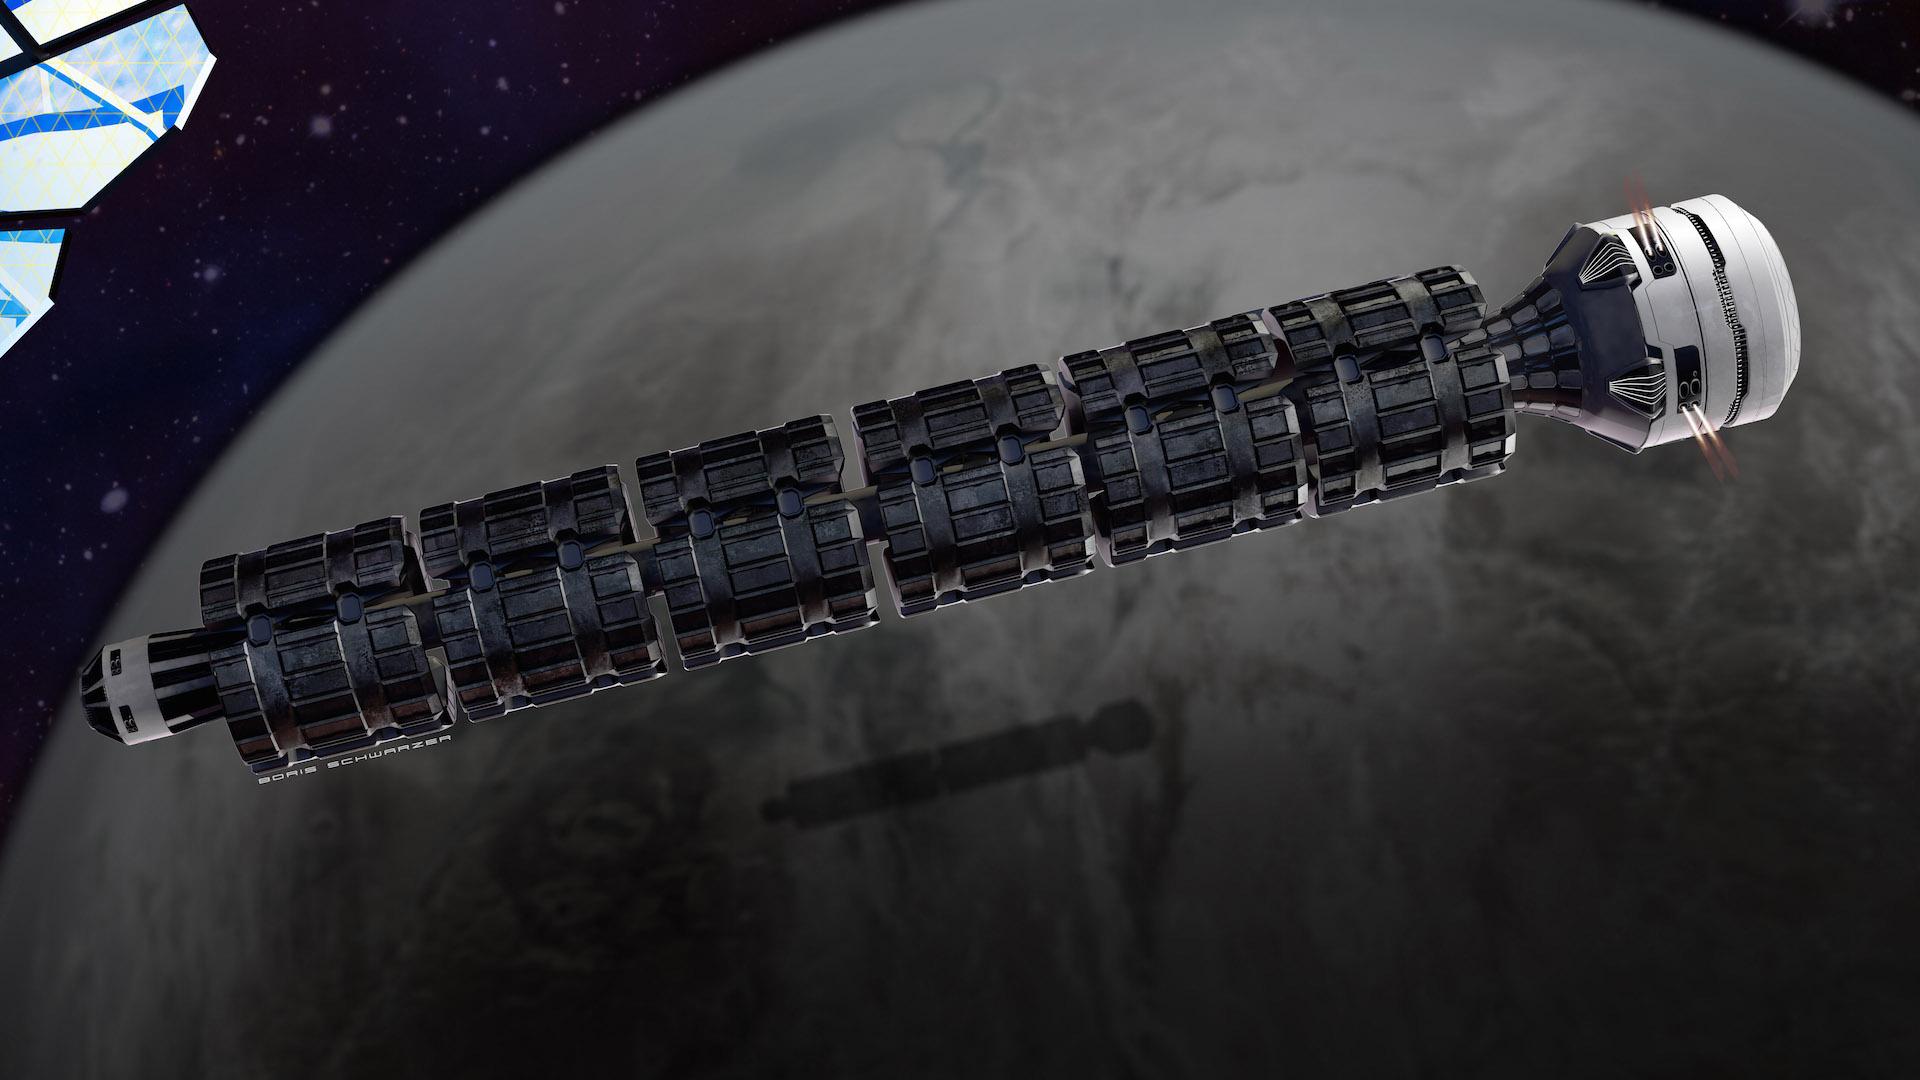 El invento podría transportar humanos a estaciones espaciales y cuerpos celestes